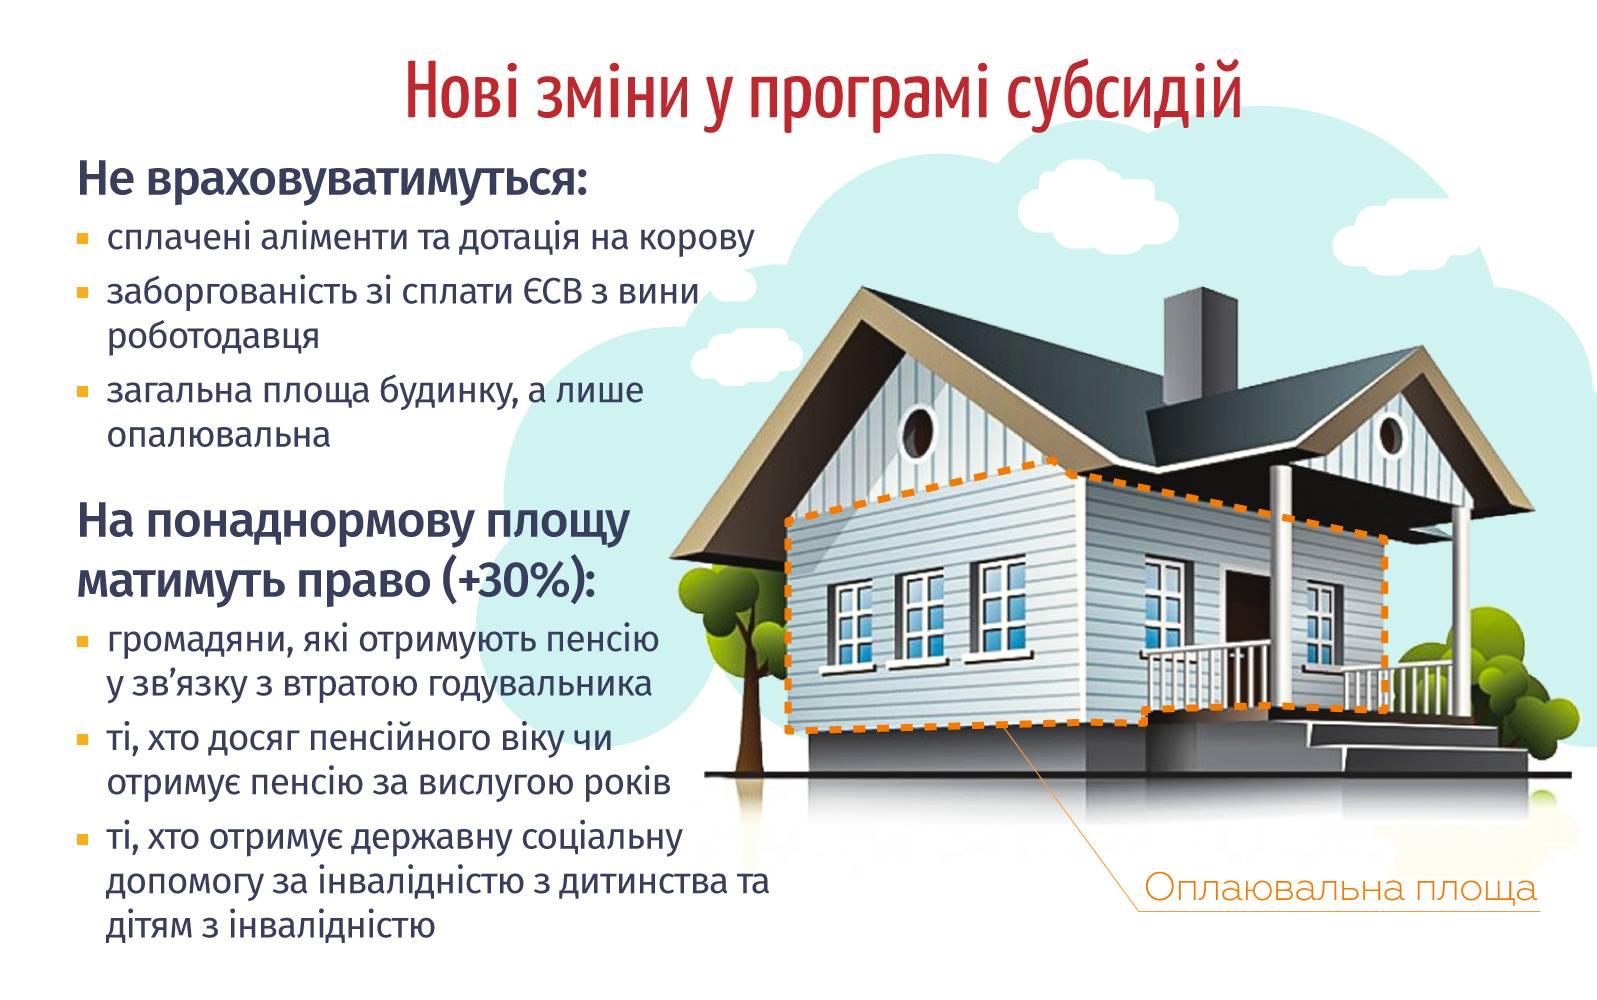 Новости Правительства: 7 основных изменений в программе жилищных субсидий